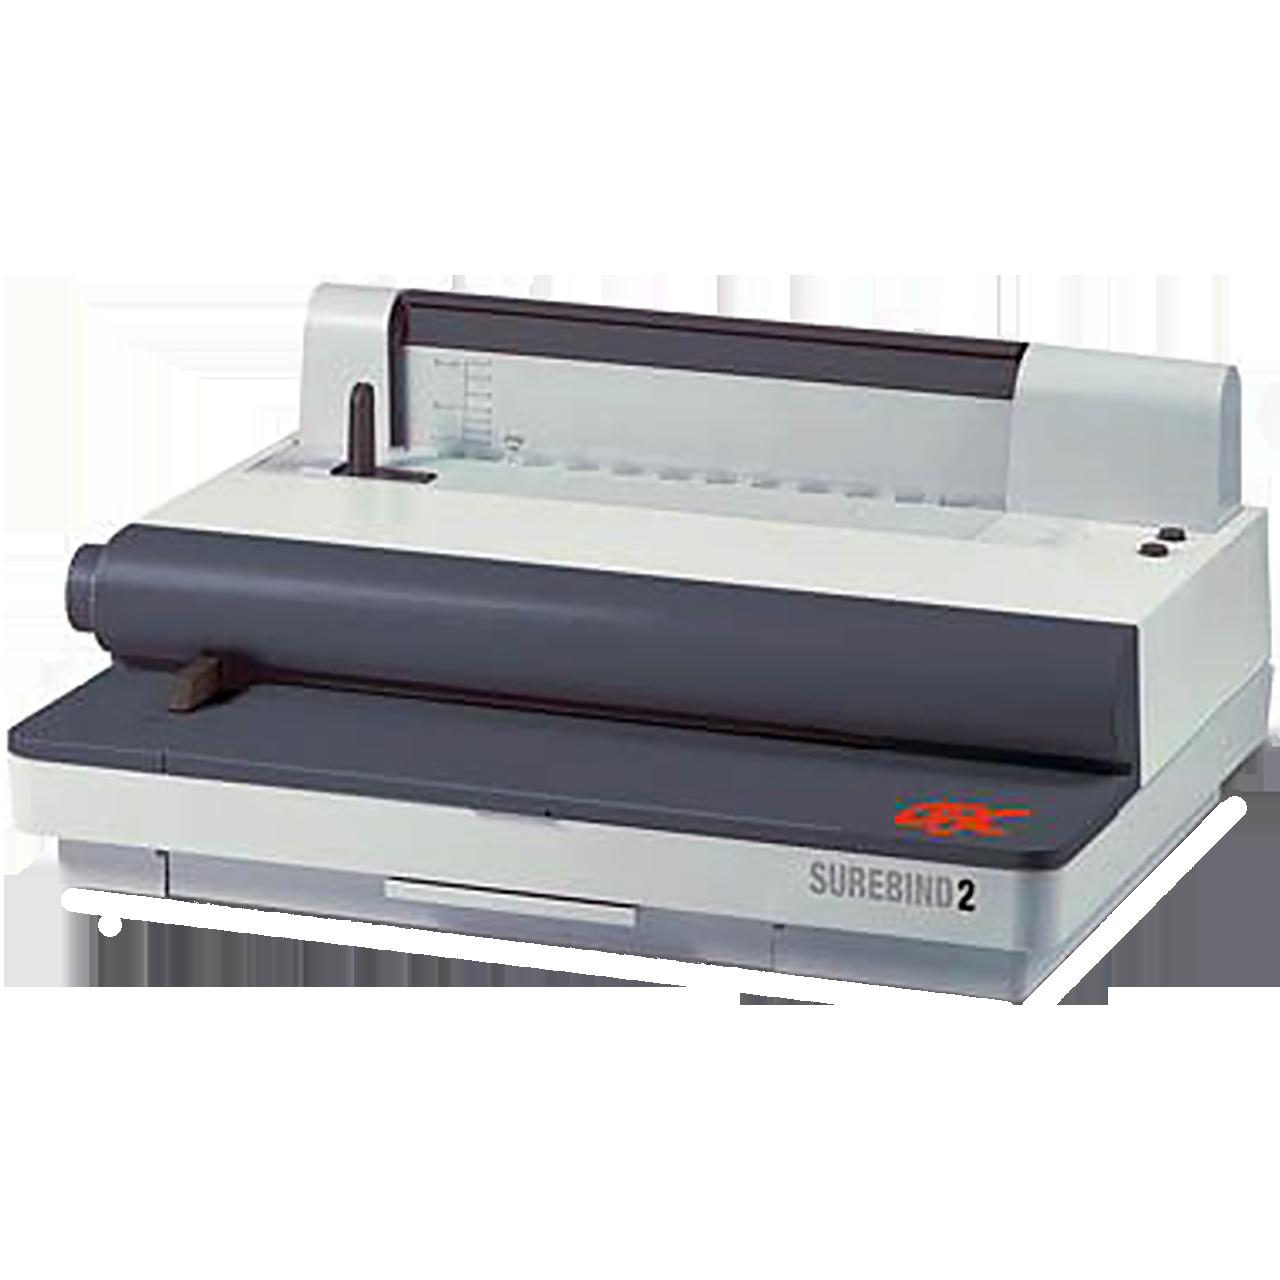 SureBind GBC SureBind System 2